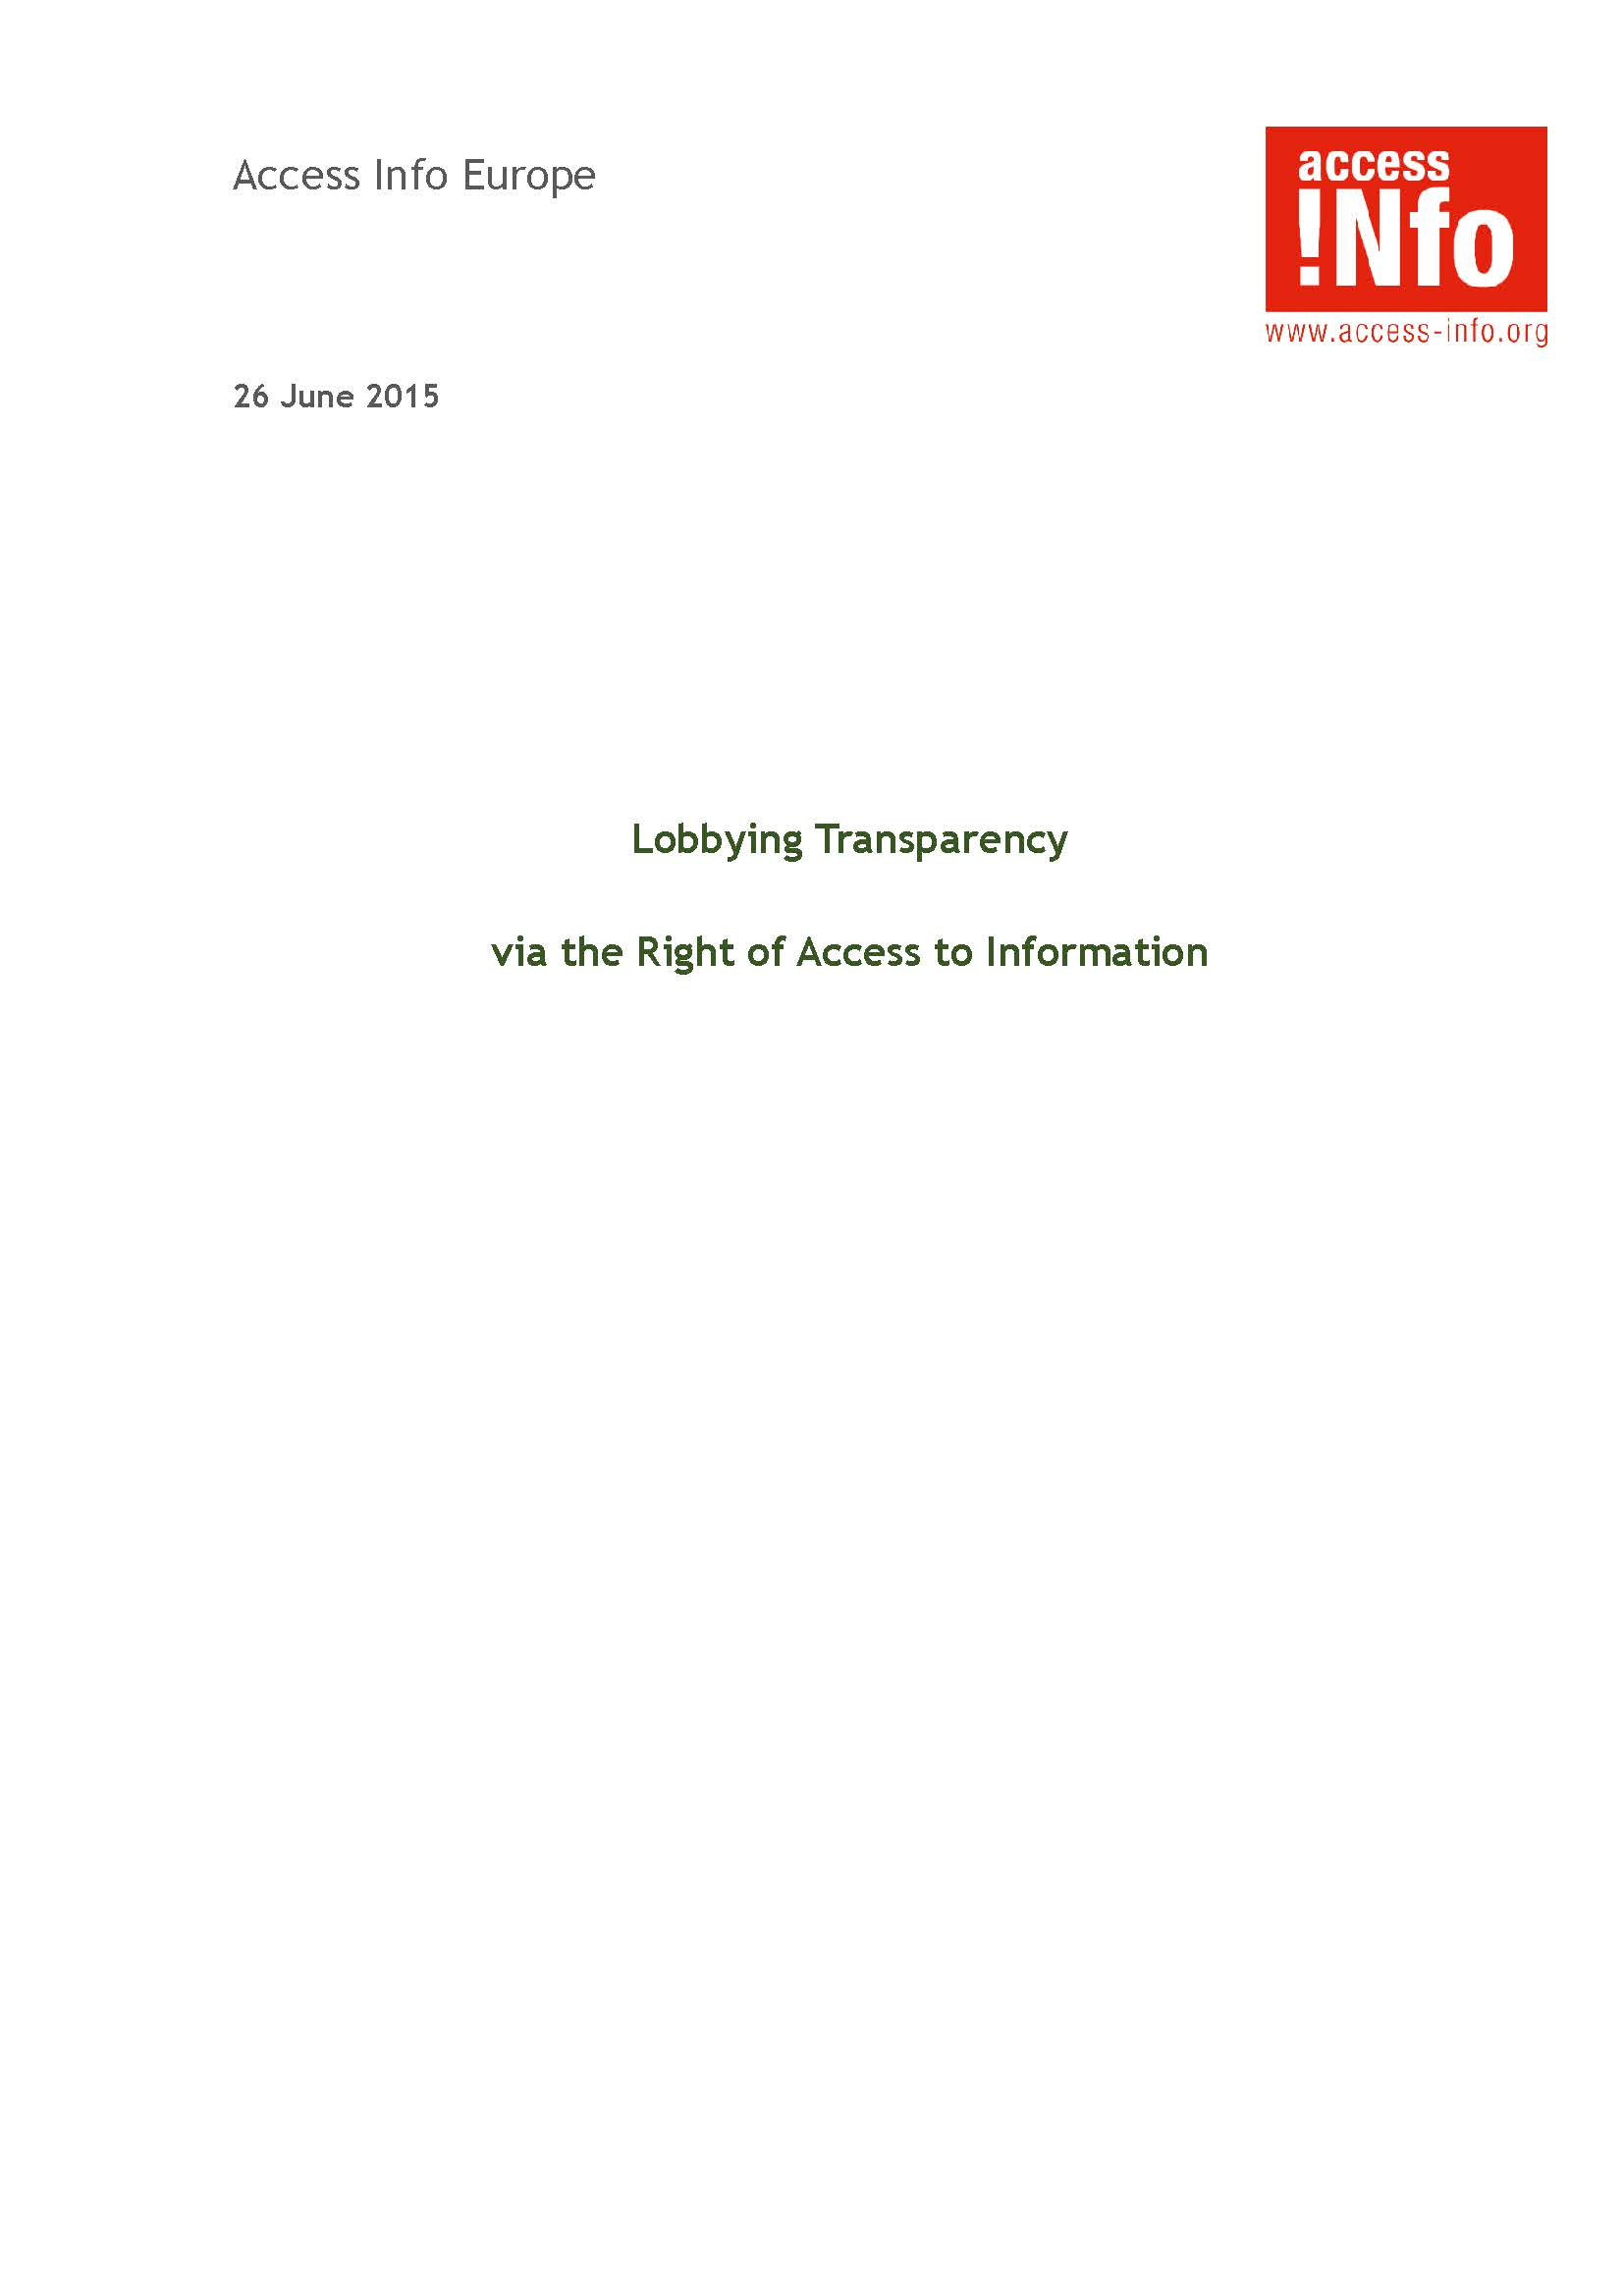 Lobbying Transparency via RTI Laws